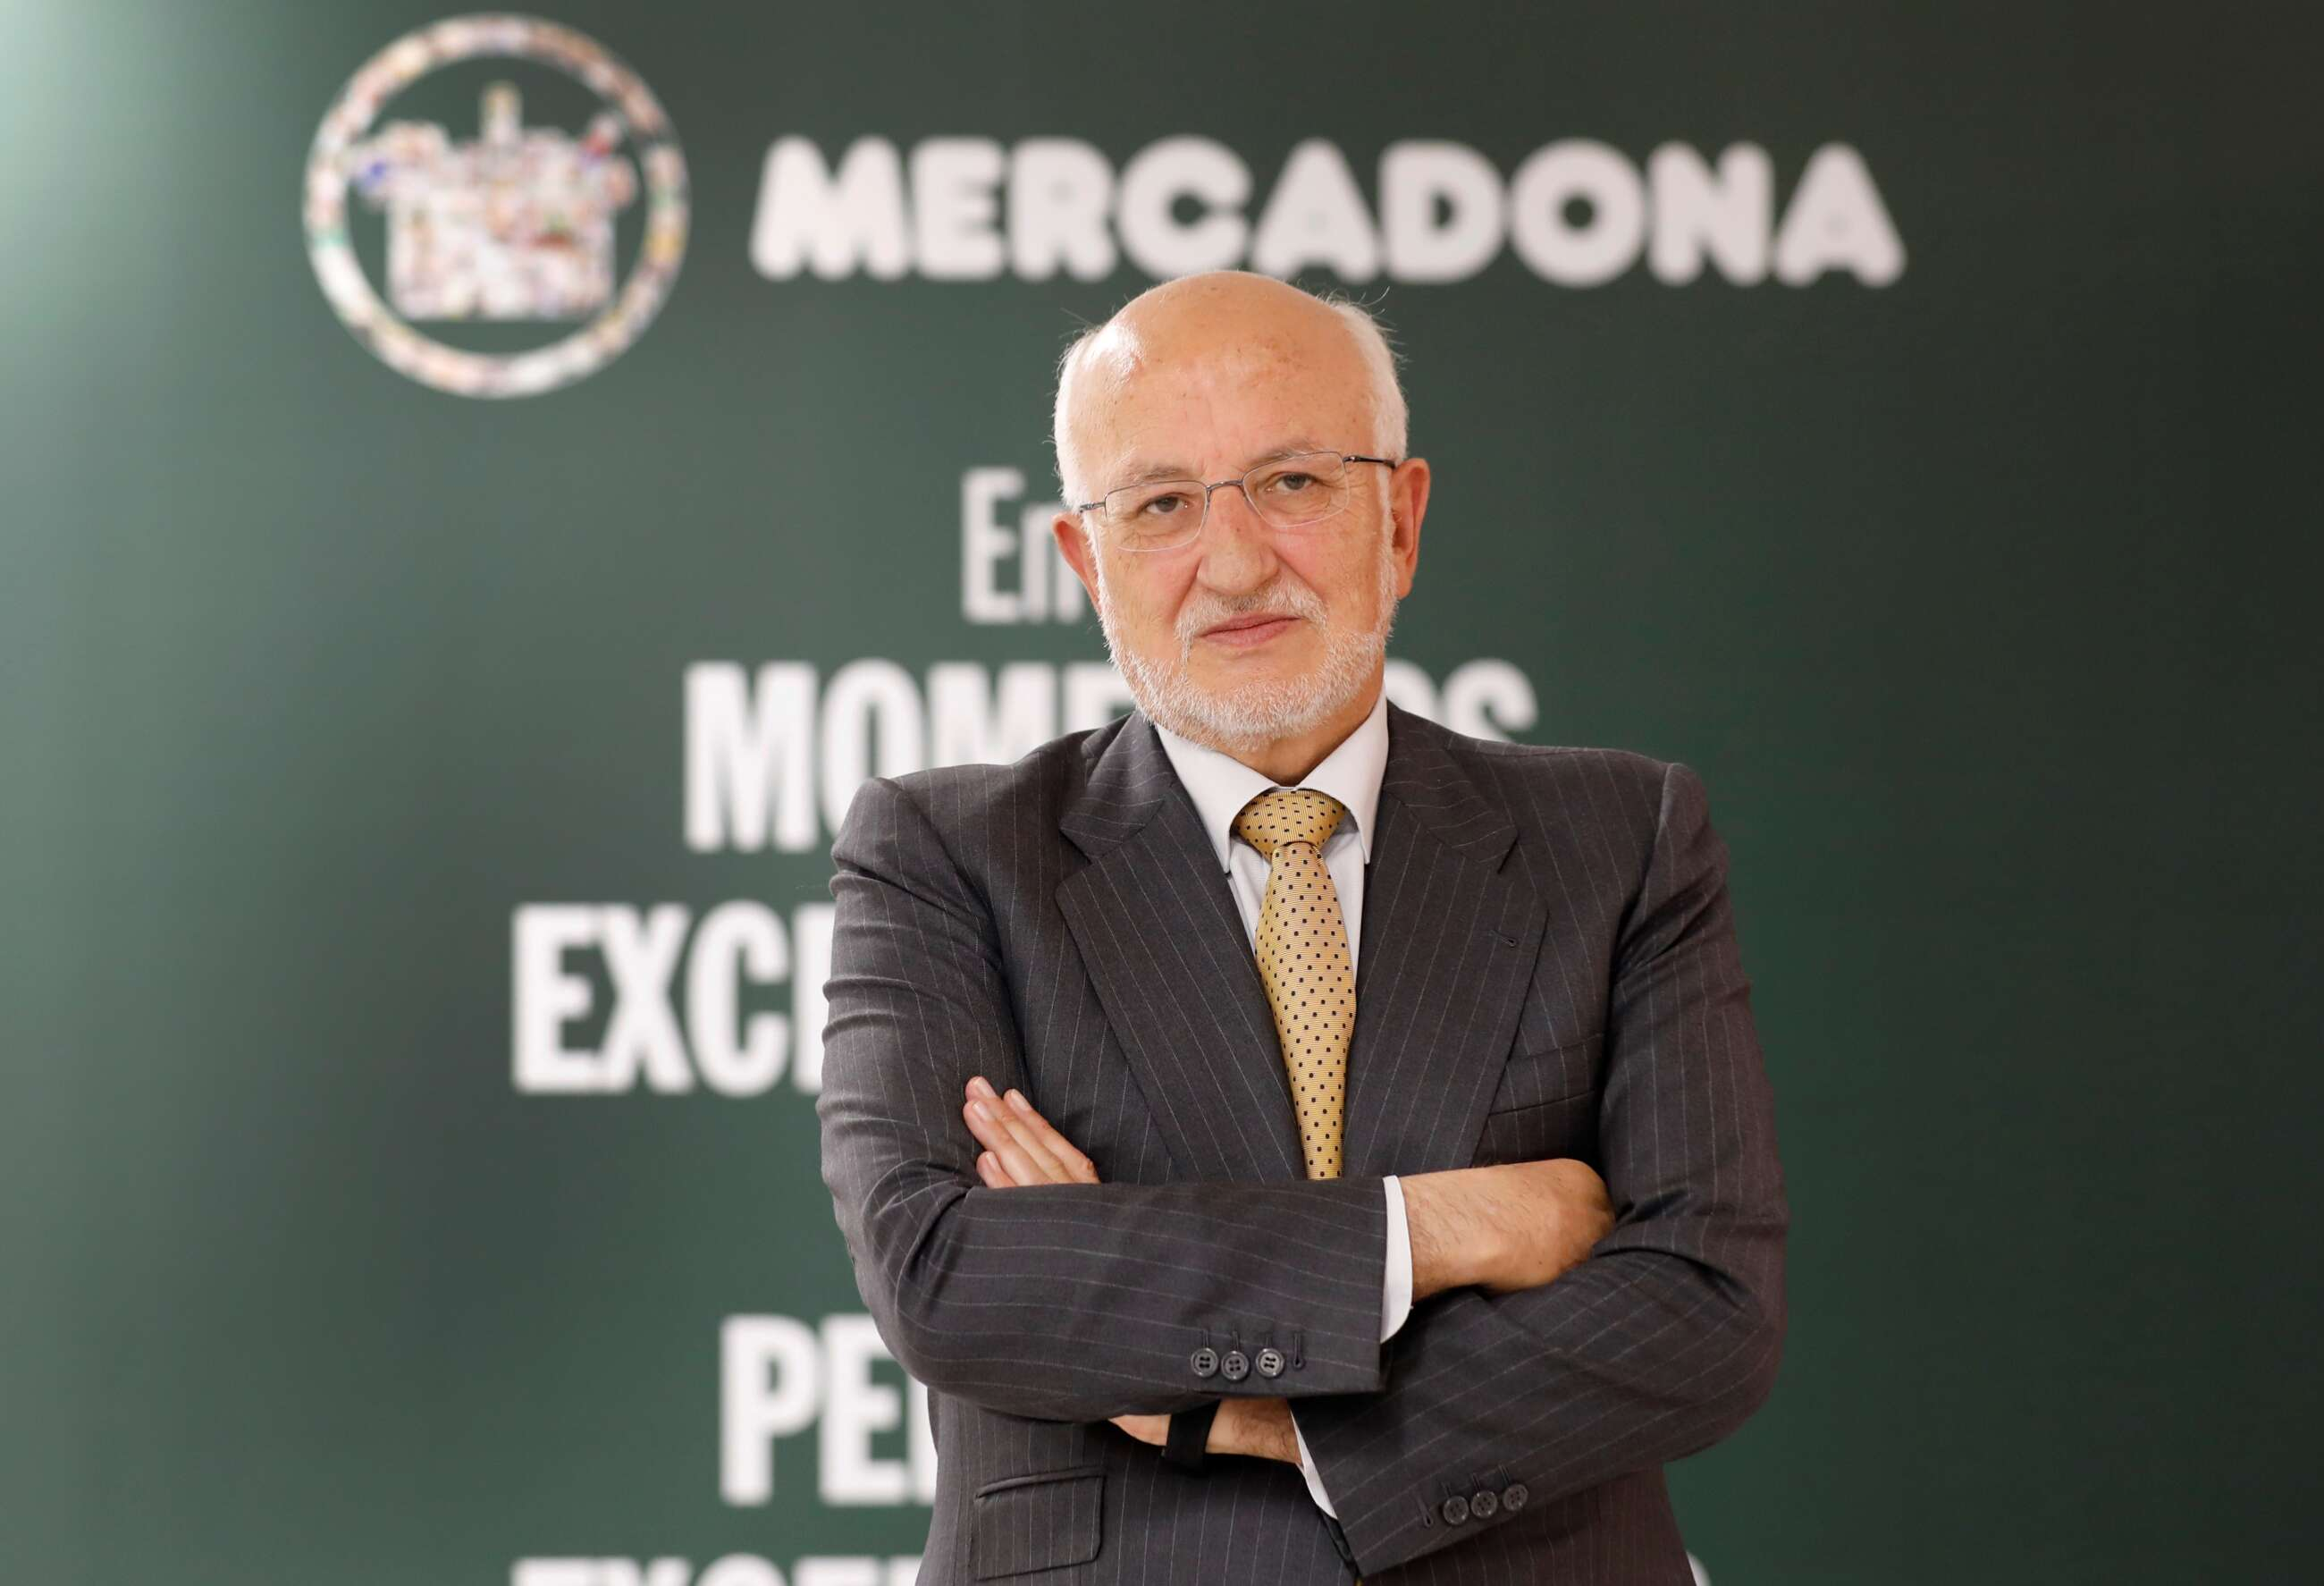 El año que Mercadona conquistó Portugal: crea 600 empleos en 2021 y abre su 'súper' número 25